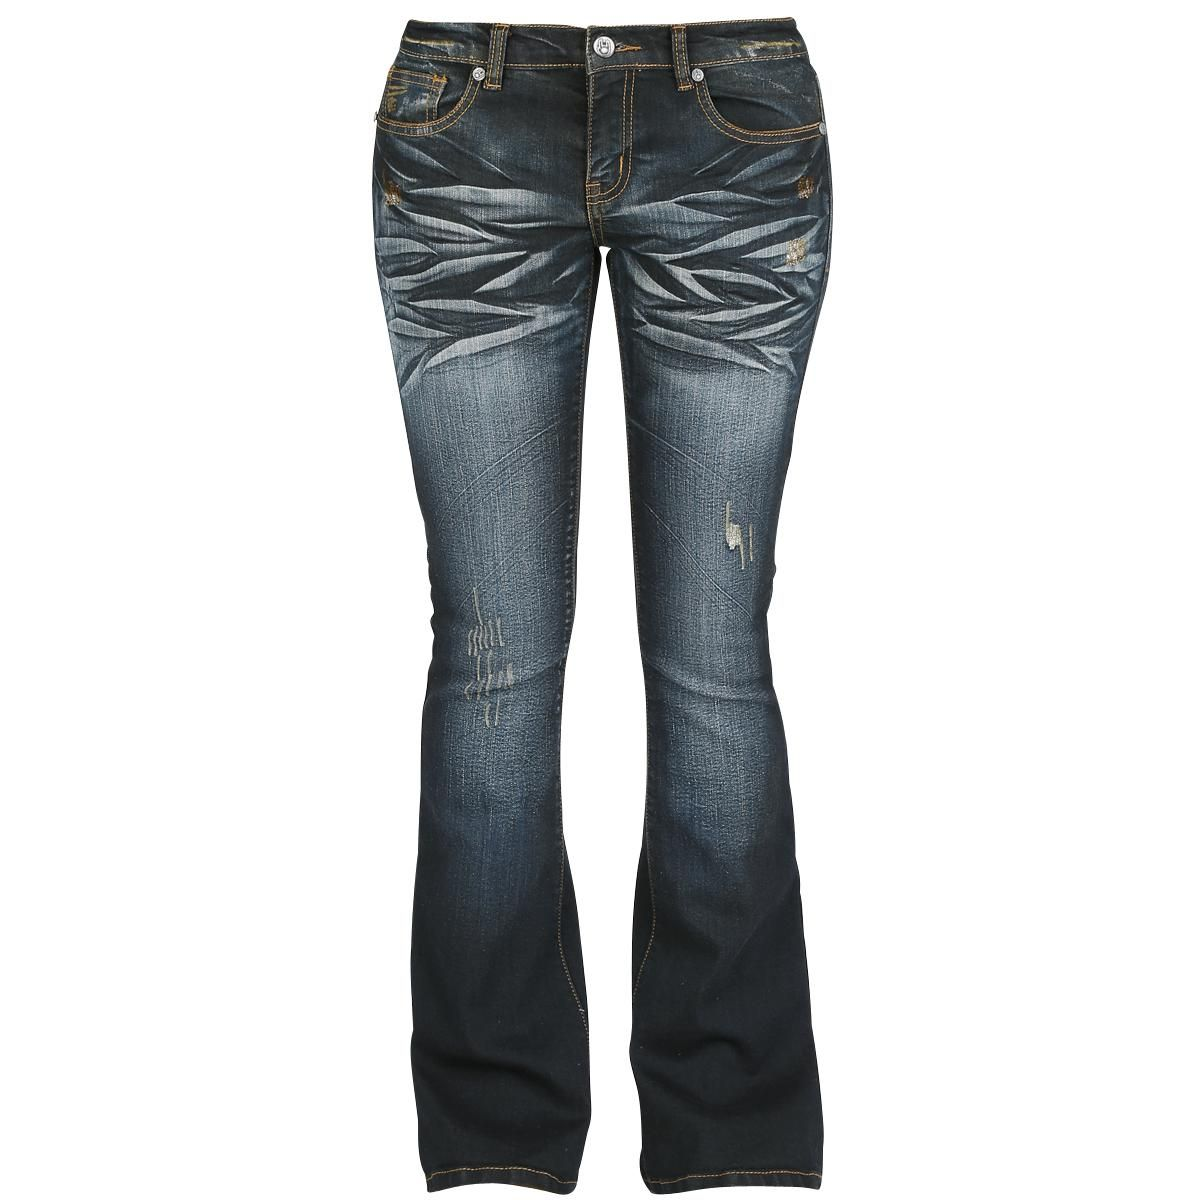 Kevään 2014 tyylikkäimmät farkut löytyvät takuulla EMP Black Premium -valikoimasta!  Grace -naisten farkut. => http://emp.me/8V5